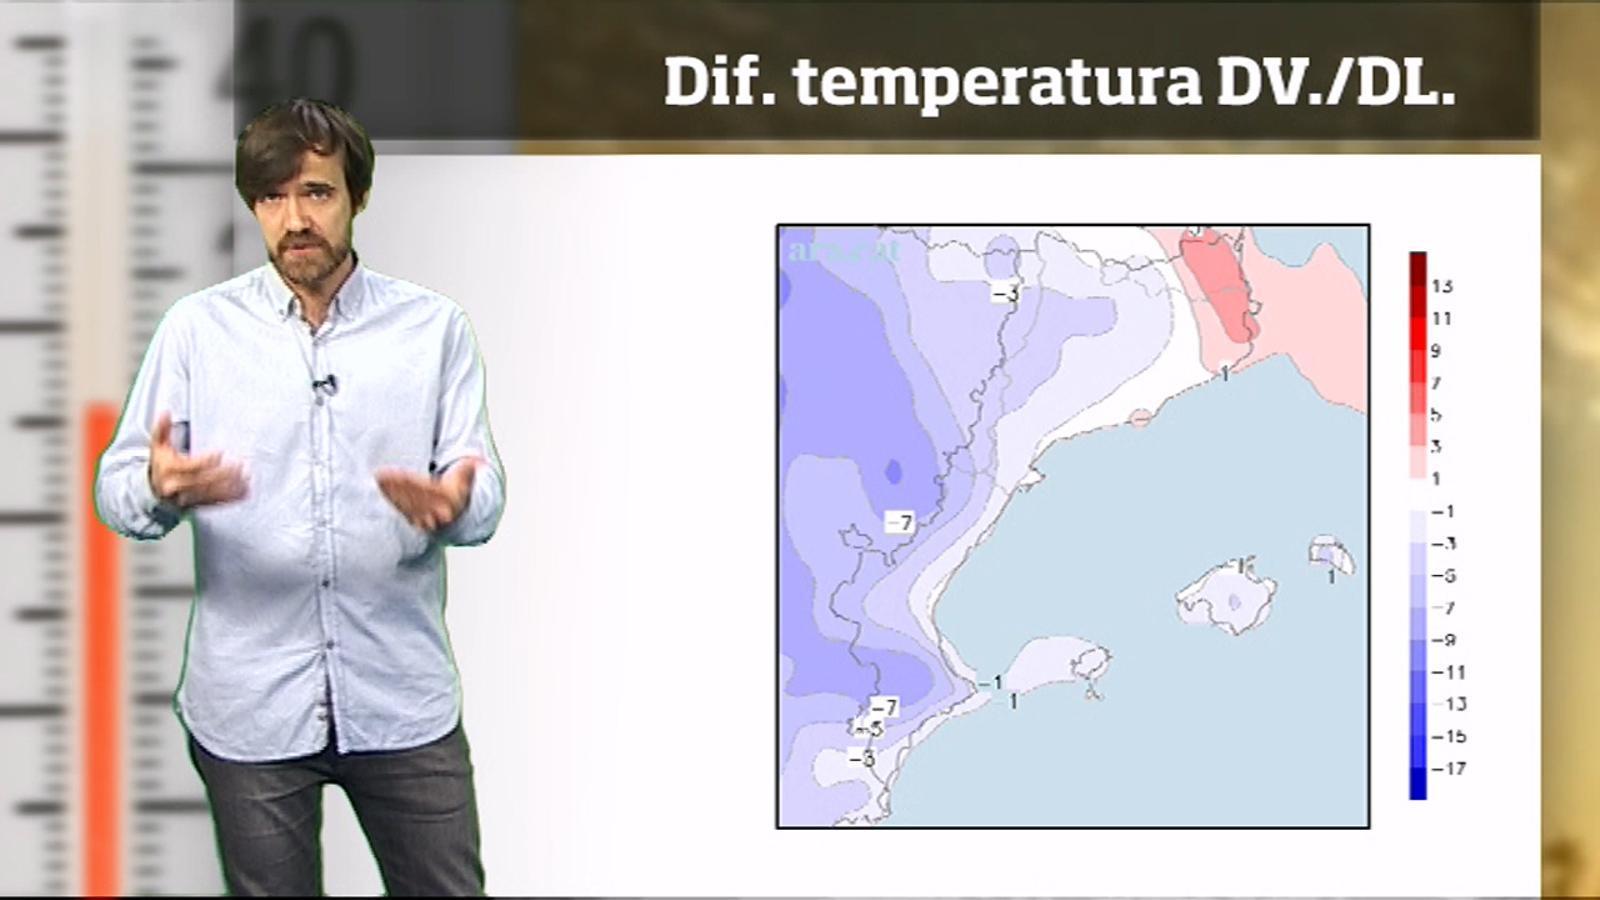 La méteo en 1 minut: temps més variable i més fresc per acabar el maig